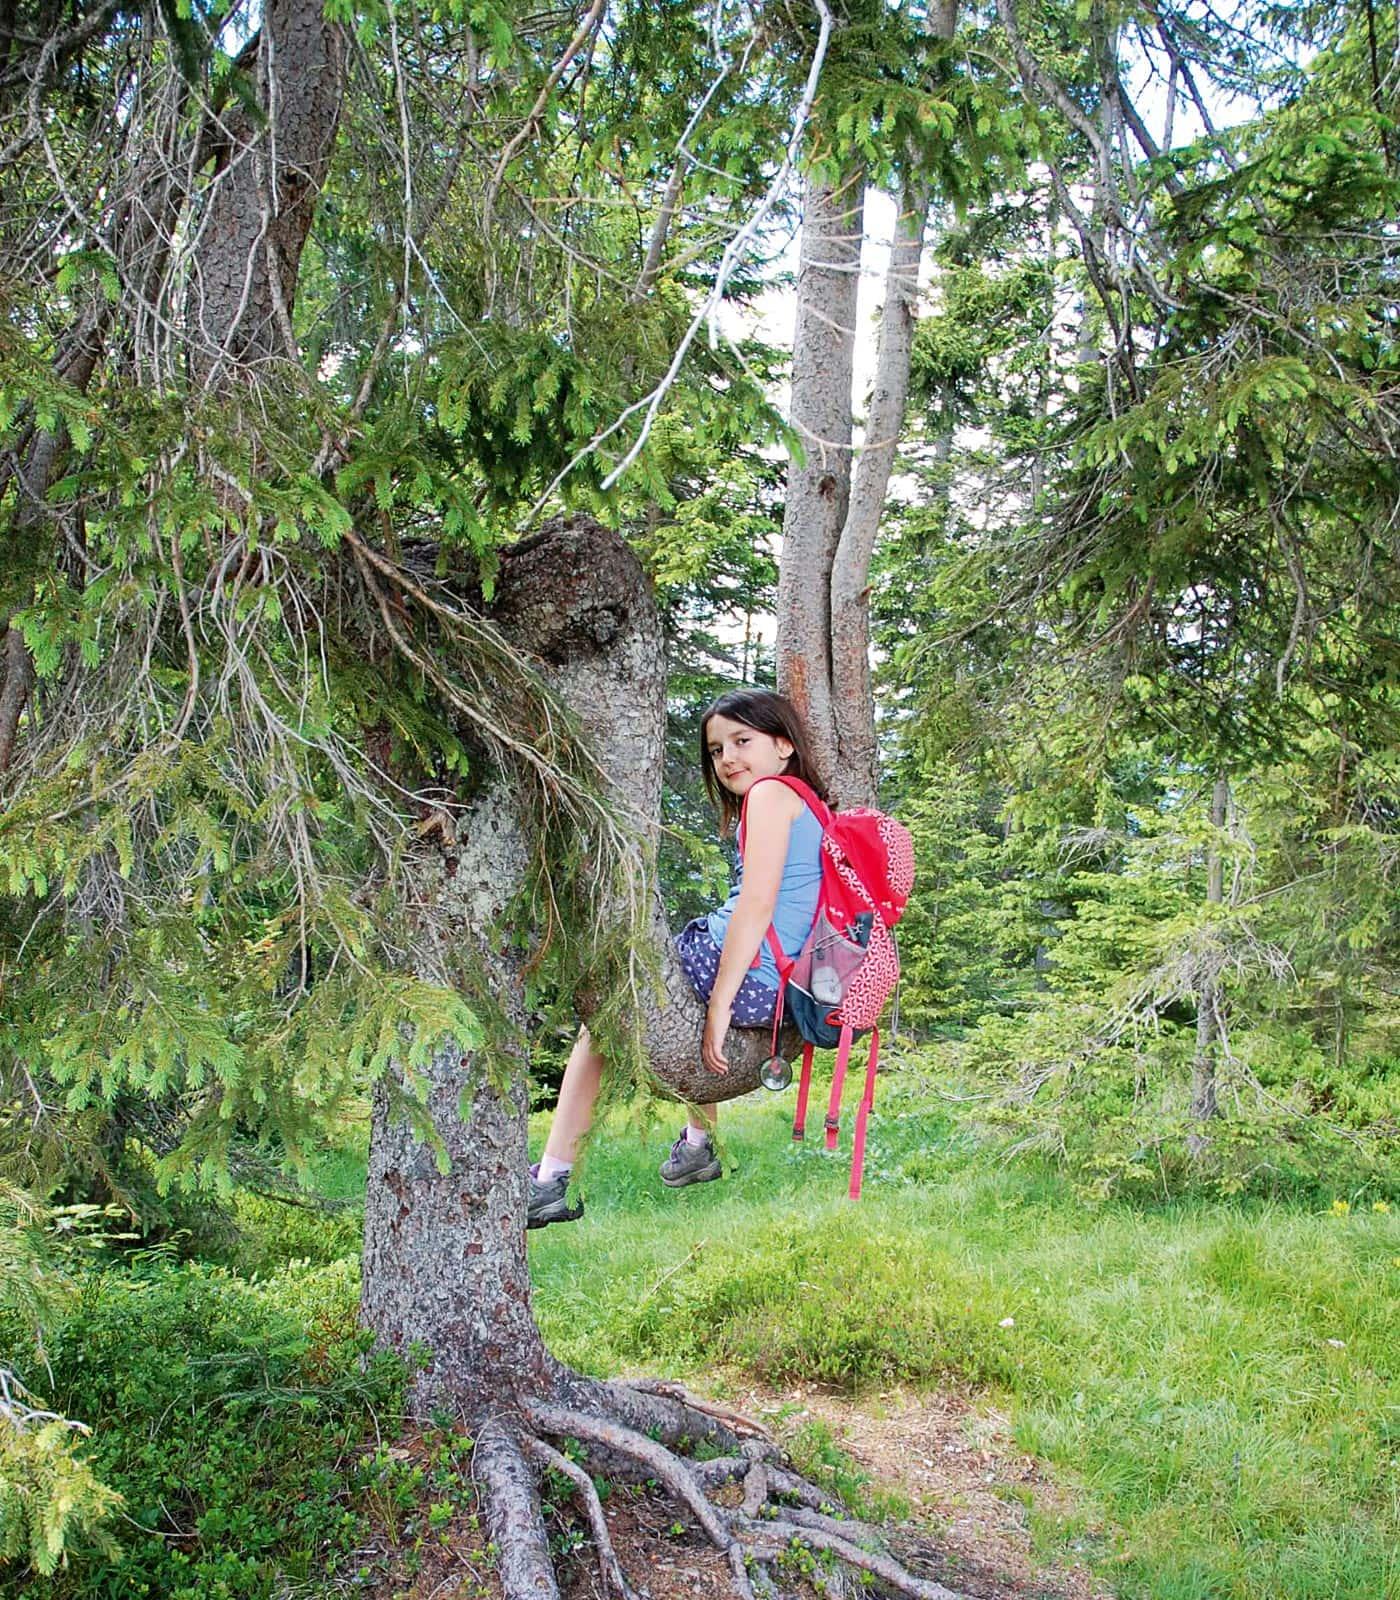 Naturzeit-Reisetipp: Wandern mit Kindern in der Umgebung von Innsbruck // HIMBEER